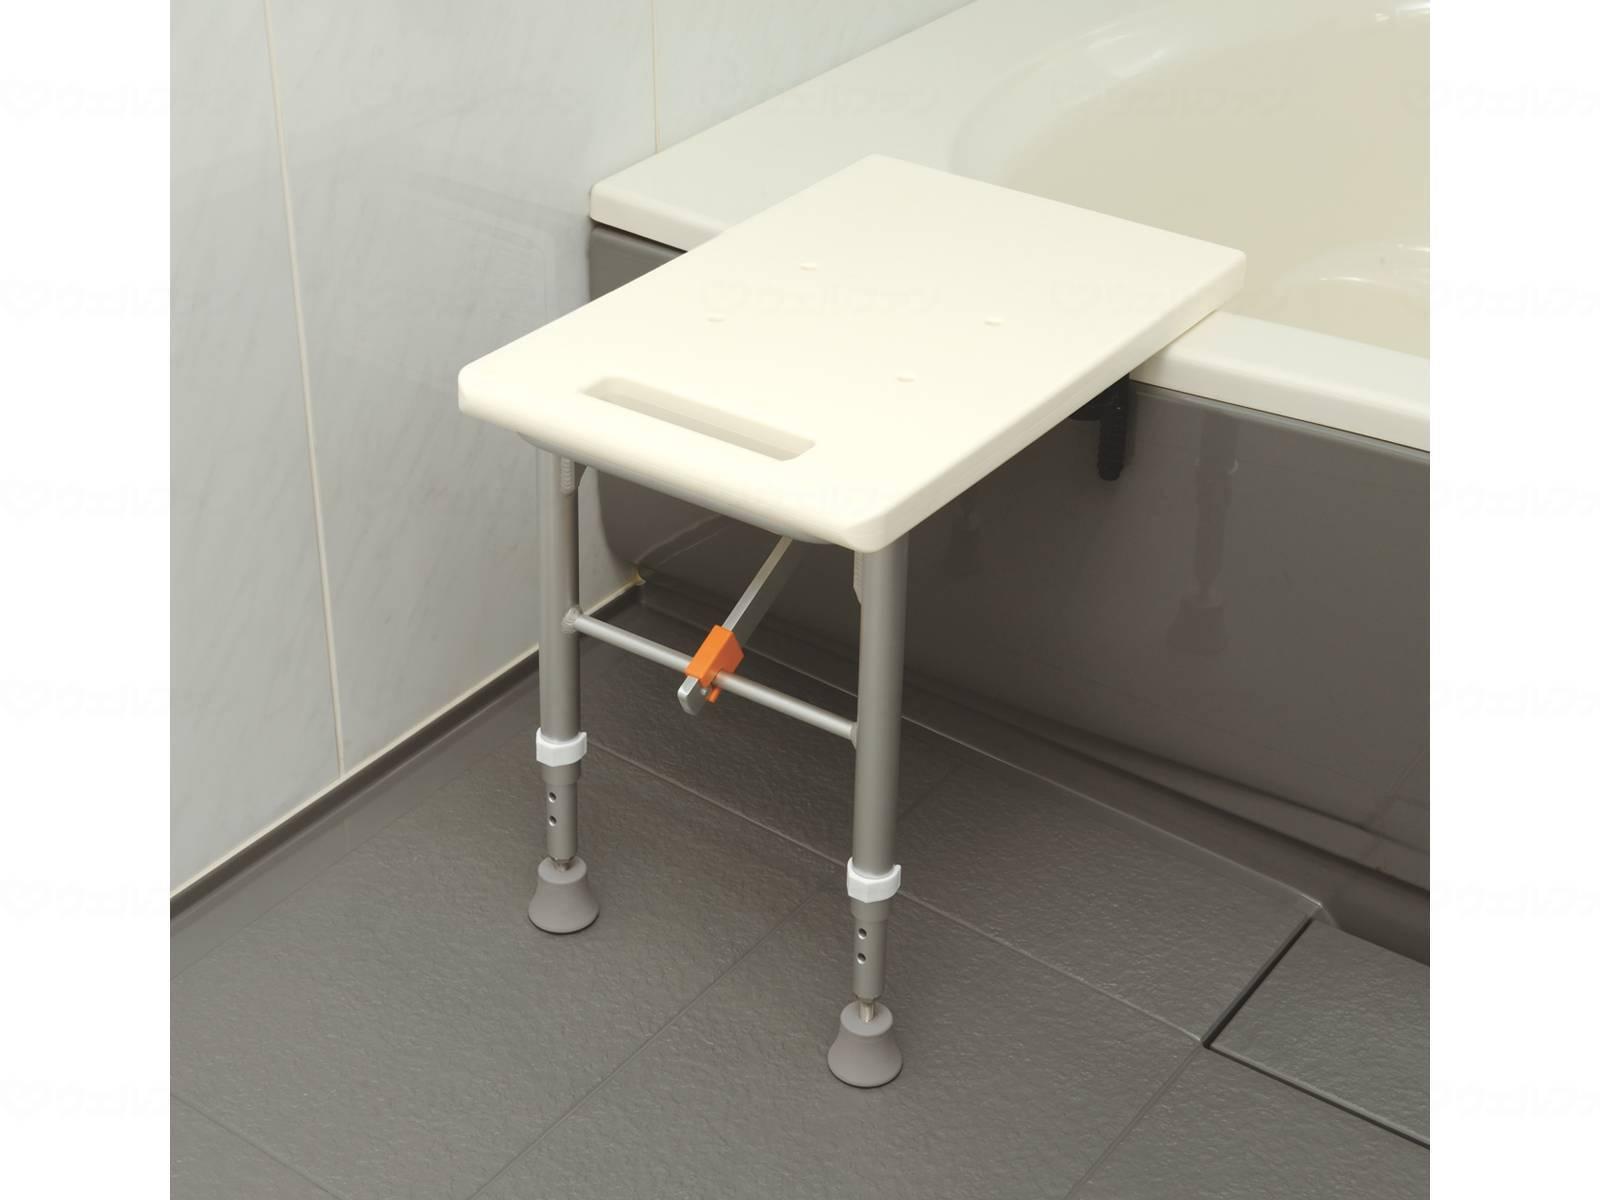 入浴 浴槽 移乗台N-500 VAL13001 パナソニック 介護用品